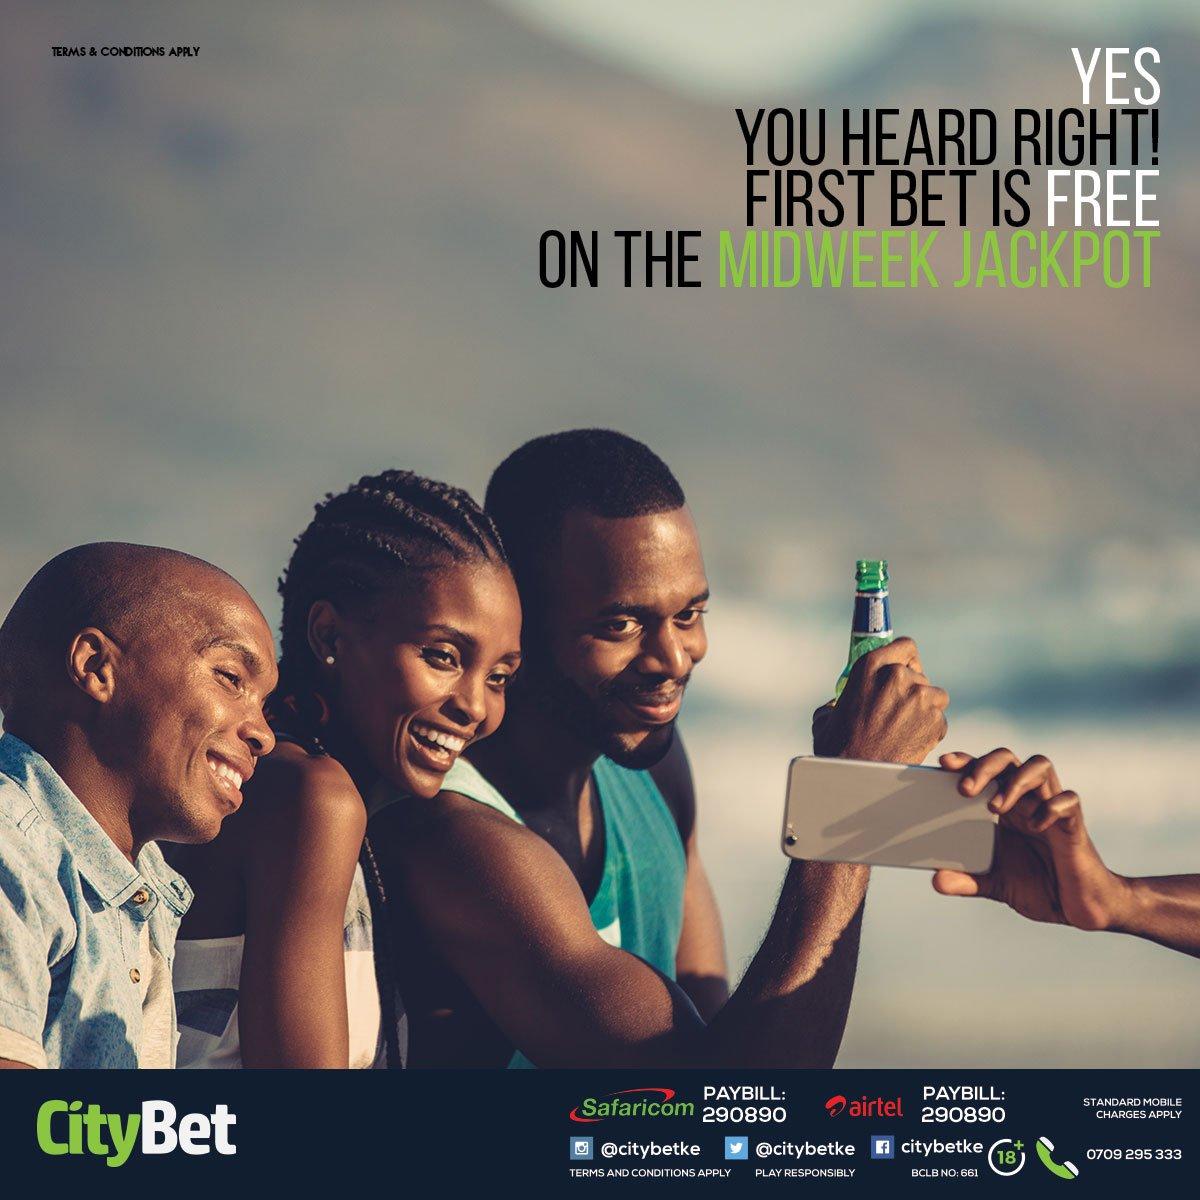 CityBet weekend Jackpot winners walk away with huge bonuses!